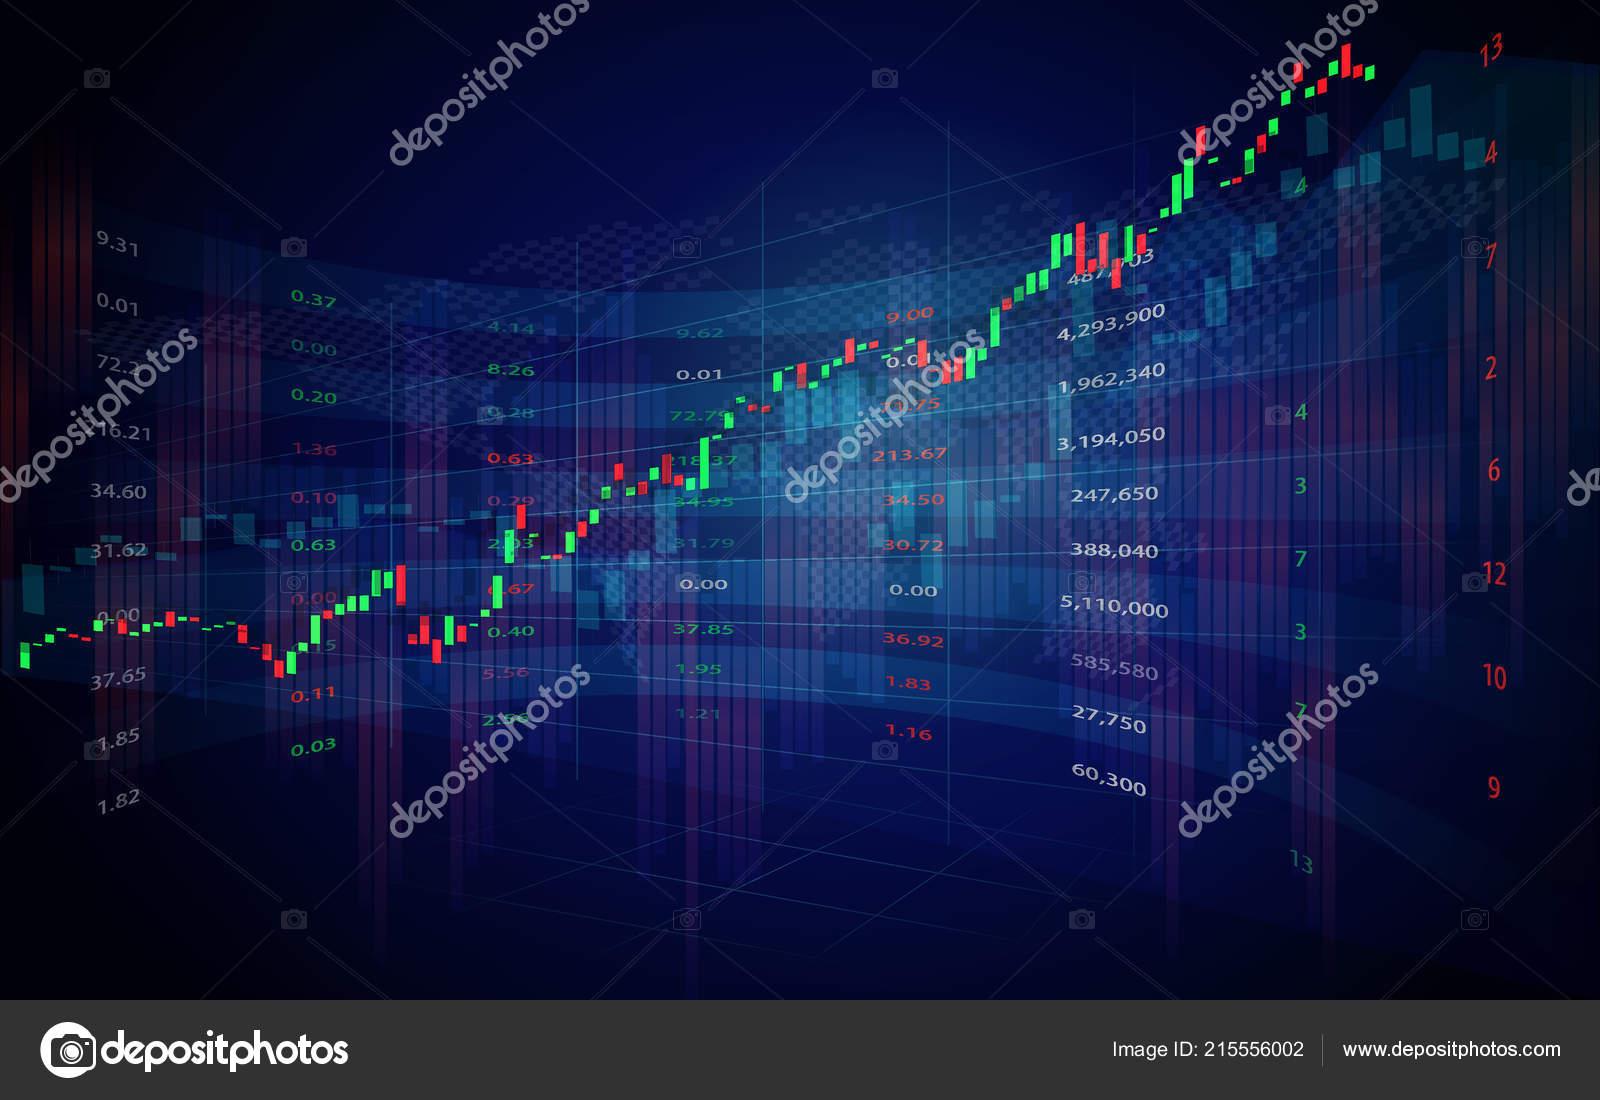 Инвестировать в рынок форекс платформа форекс иностранных